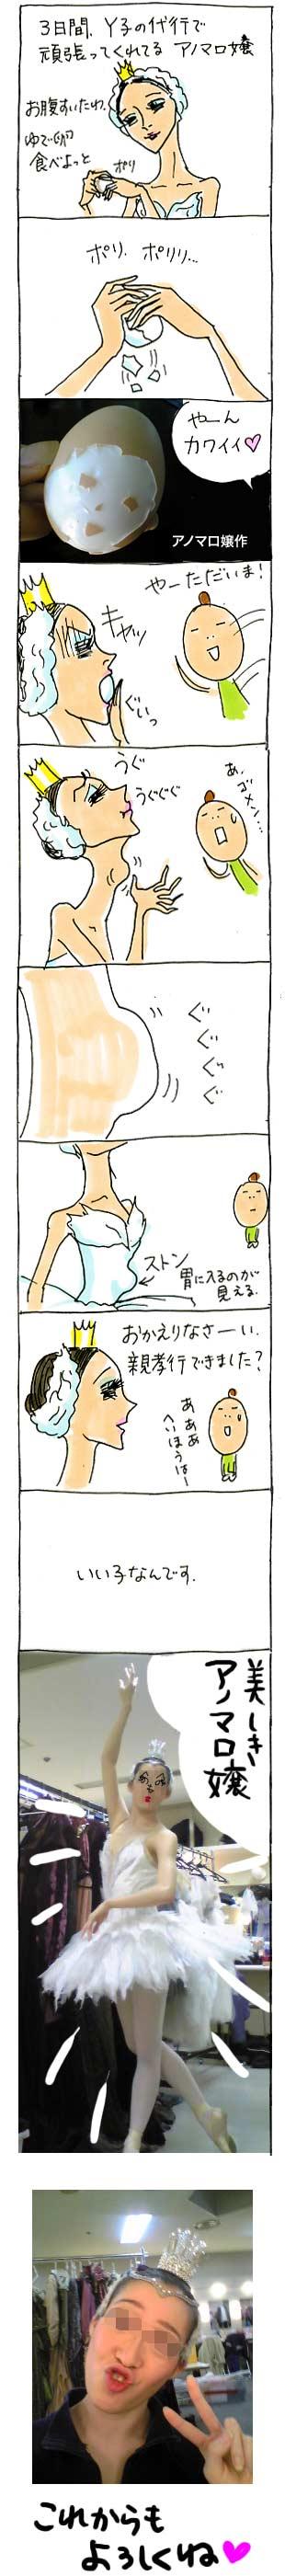 アノマロ嬢03